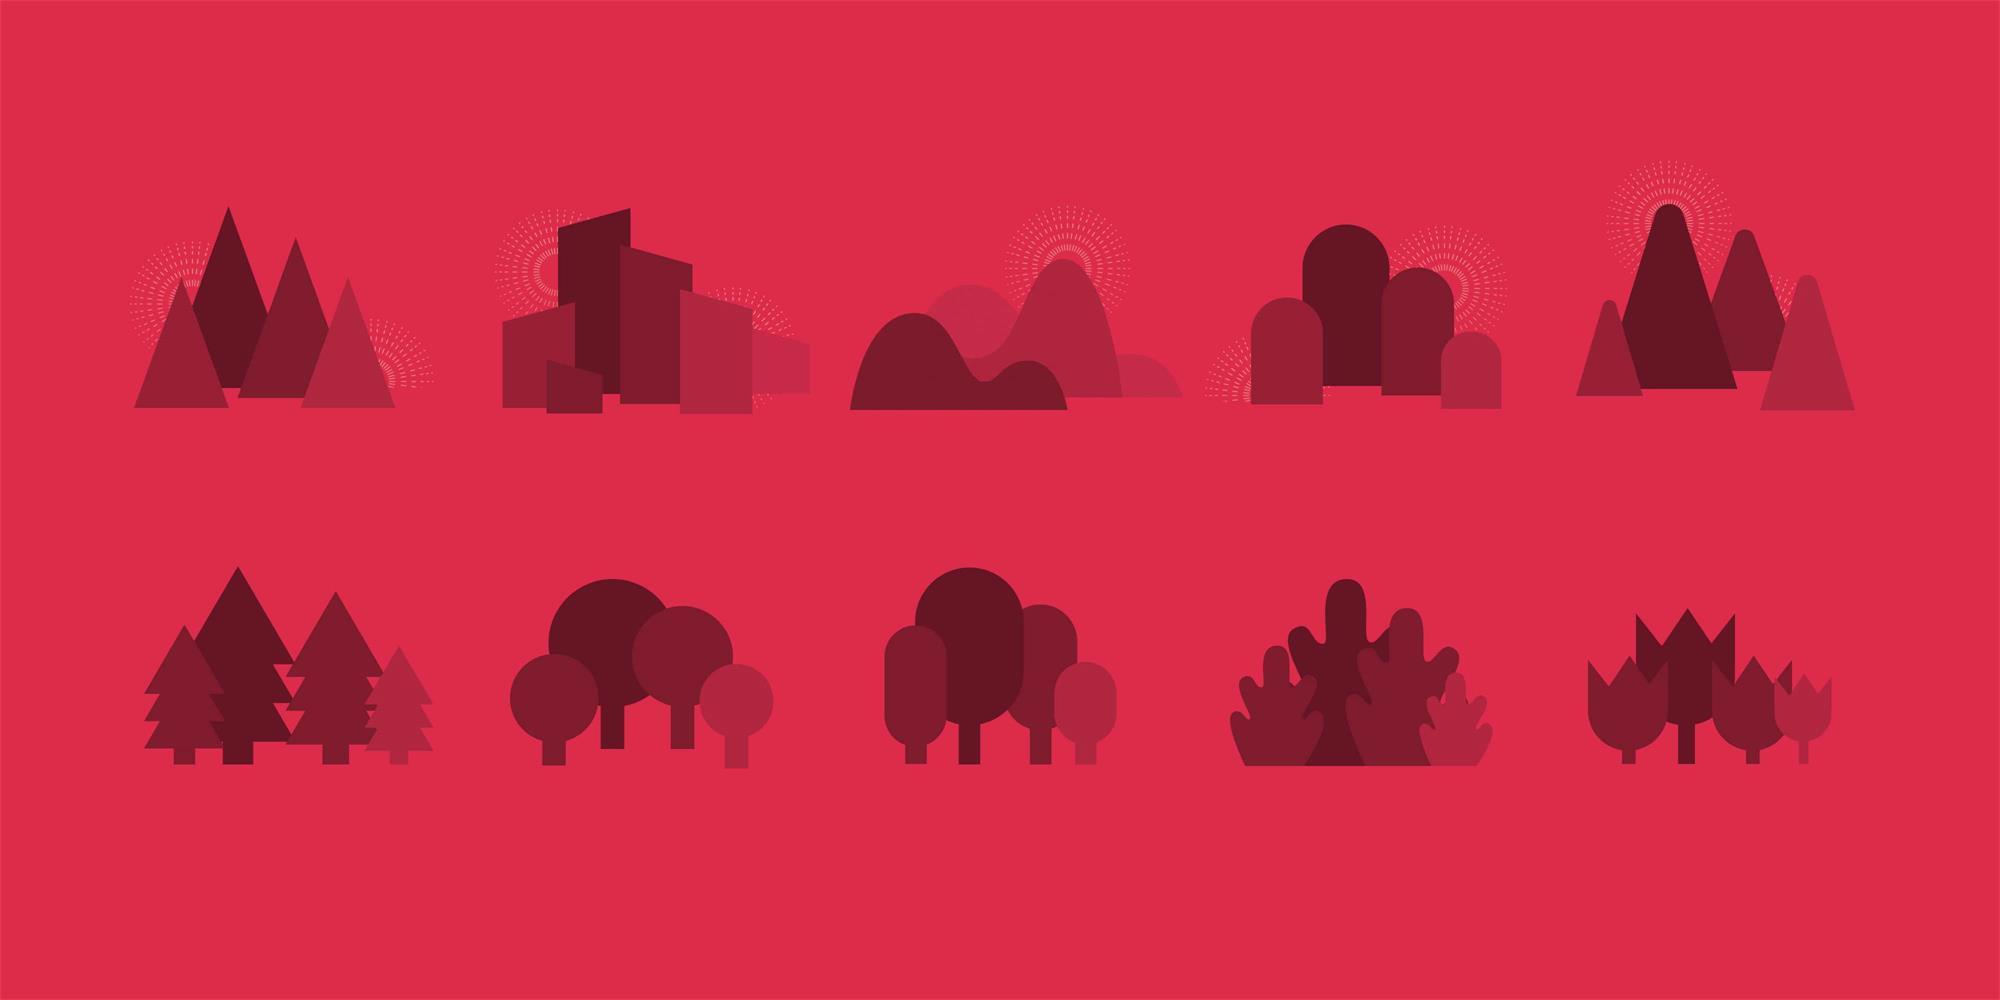 腾讯在春节上线的这款3D 游戏,是如何设计出来的?